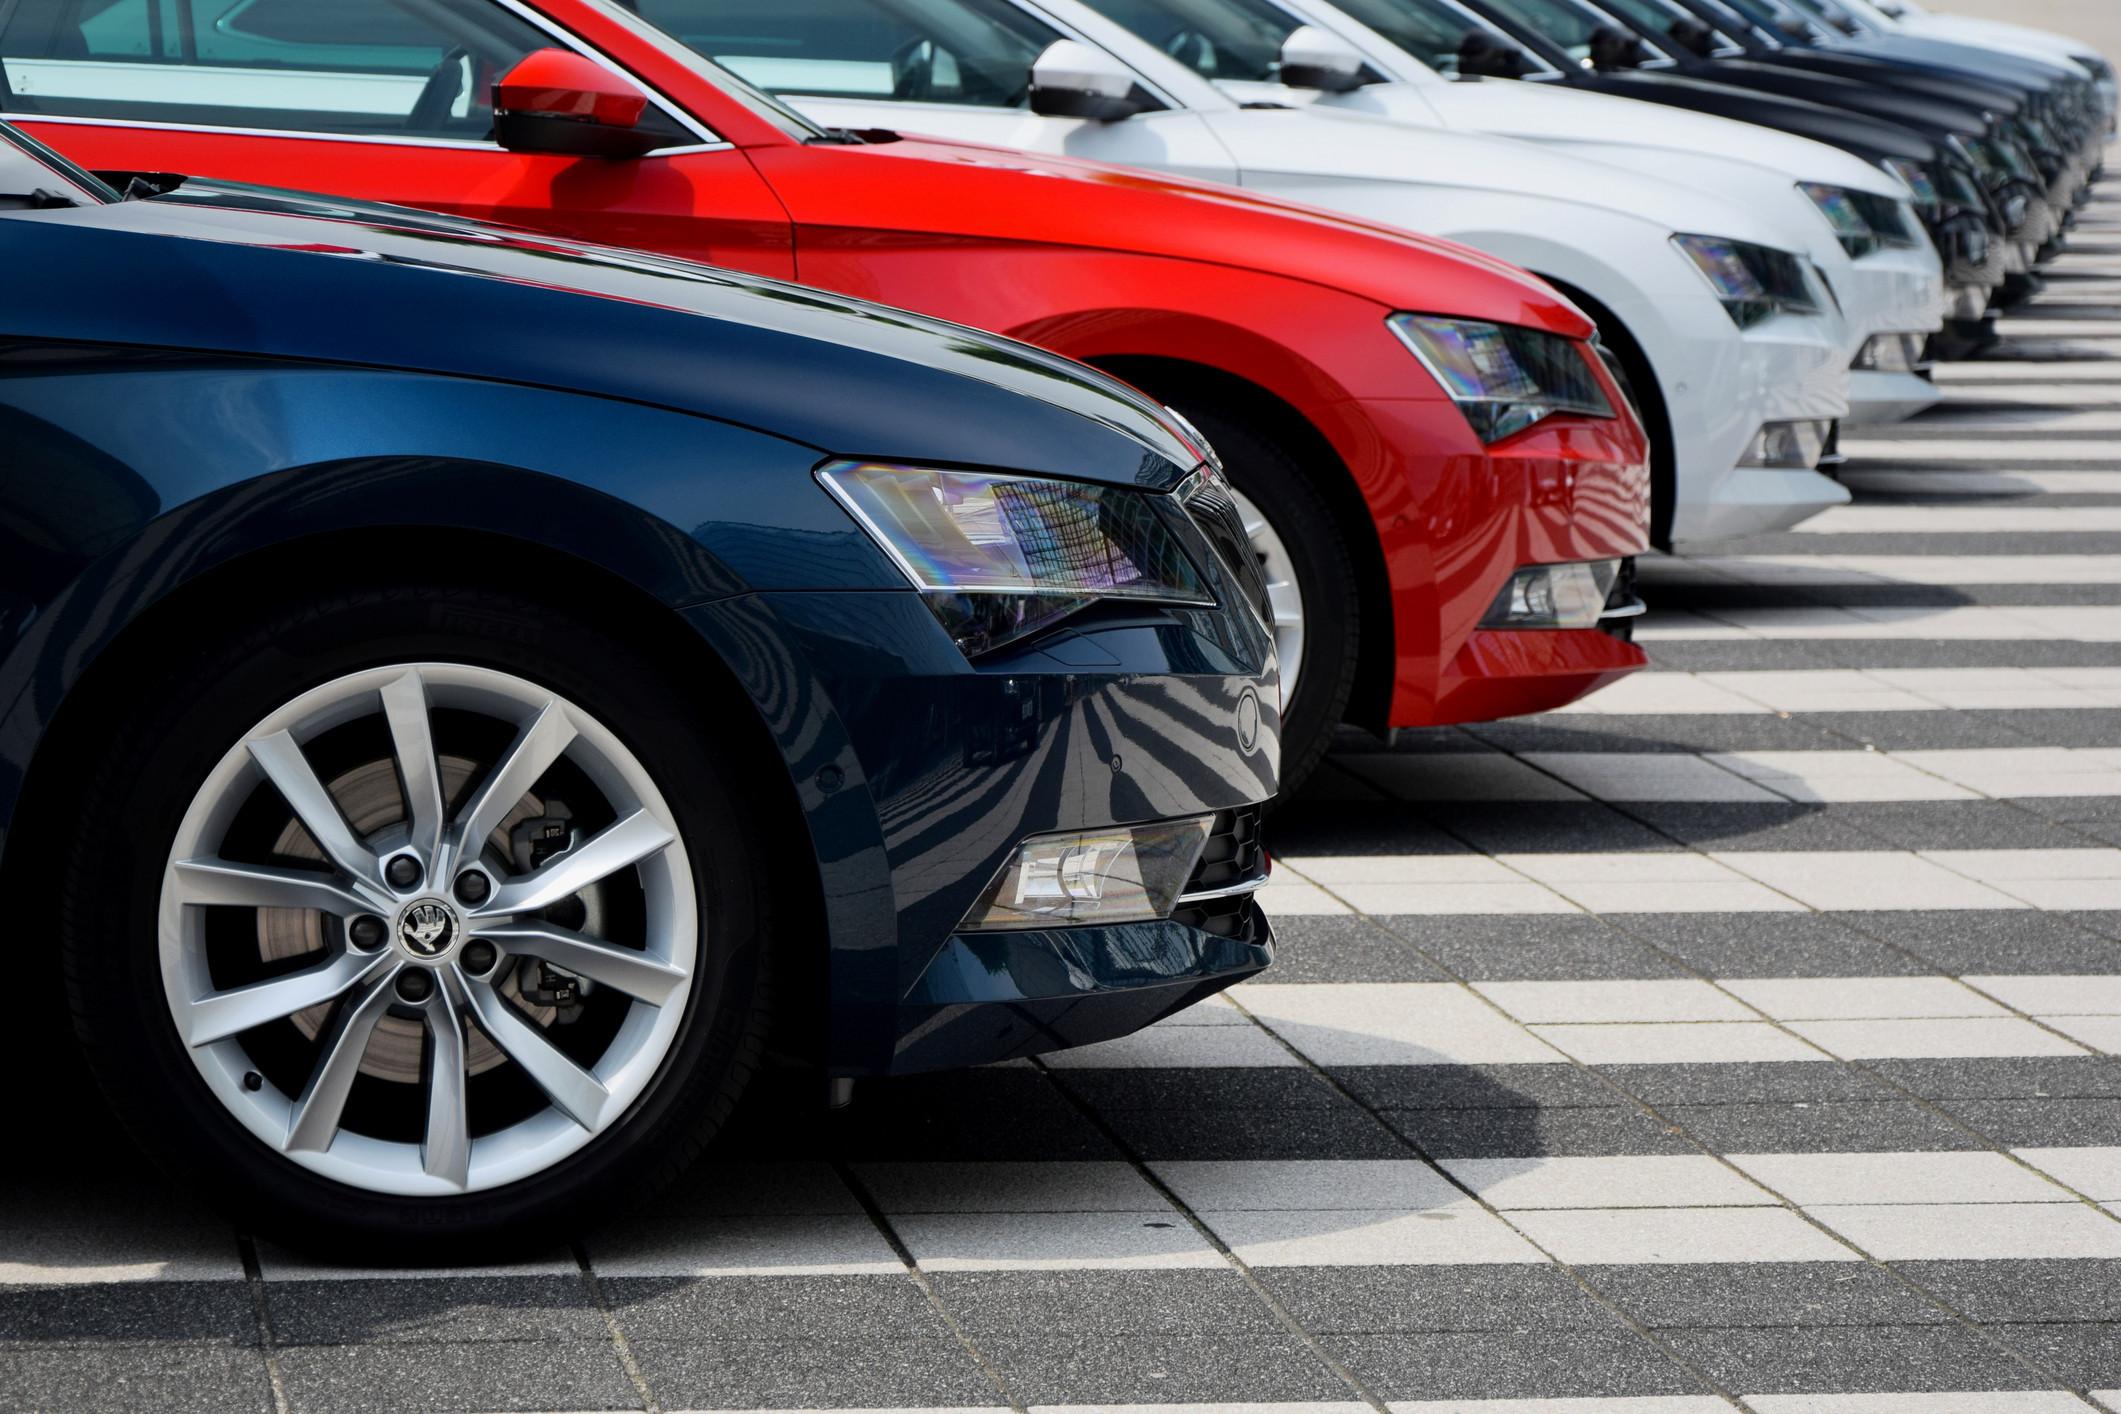 Comércio automóvel congratula-se com adiamento do aumento dos preços